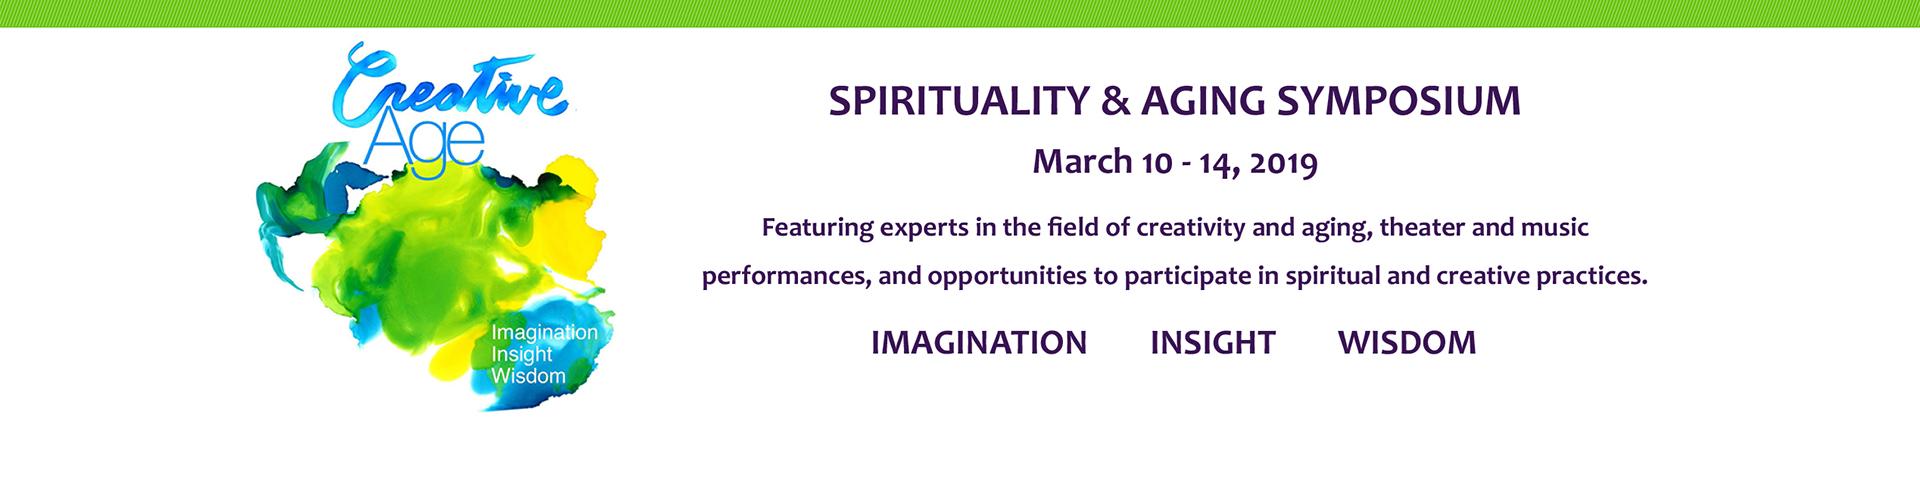 Spirituality & Aging Symposium